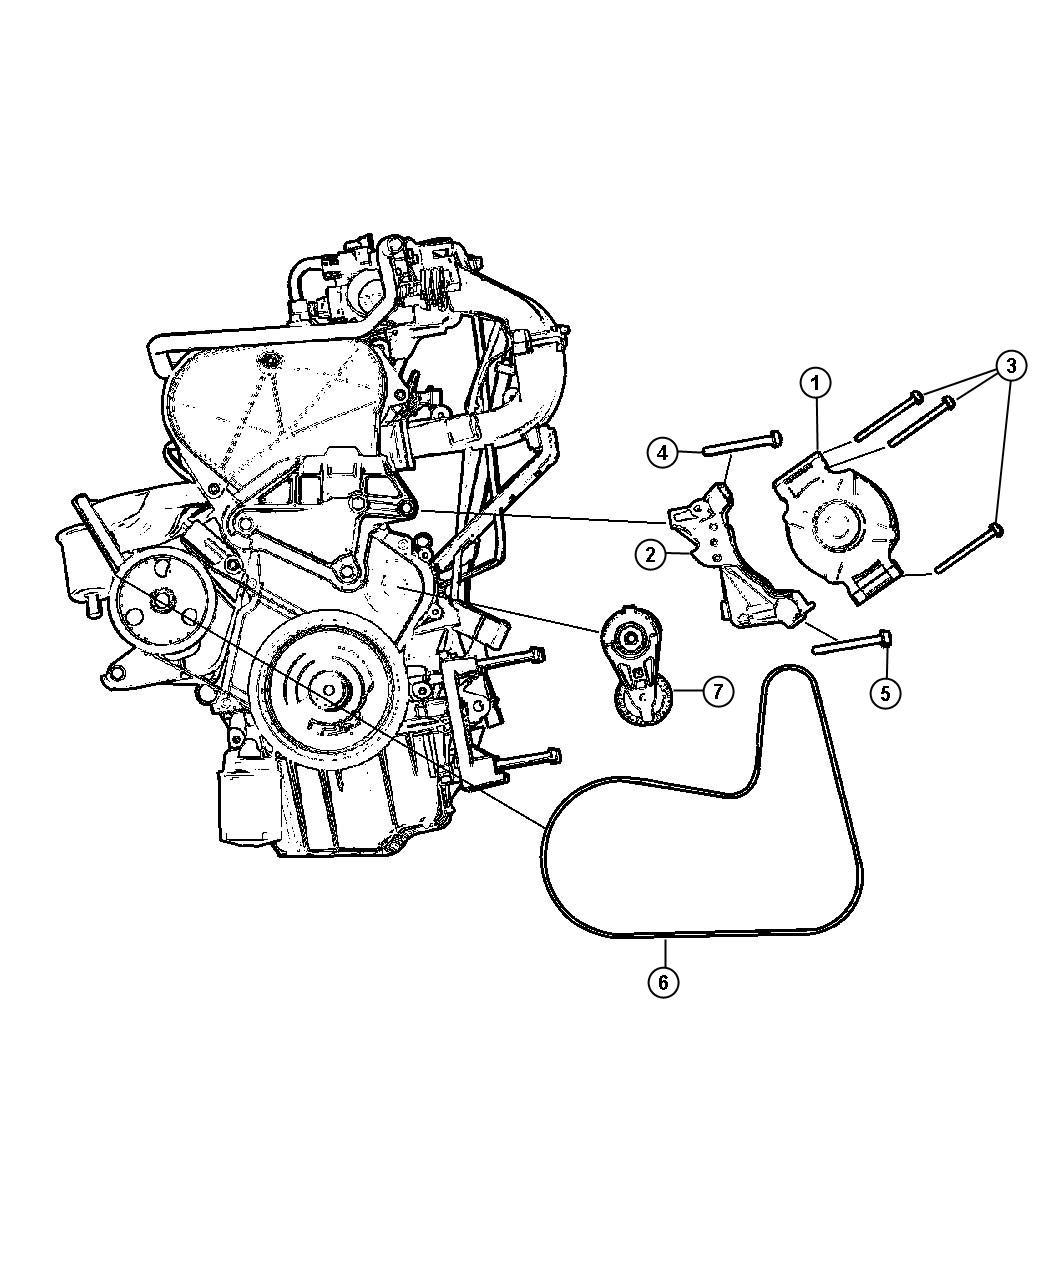 2002 Chrysler Voyager Alternator [2.4L EDZ Engine]